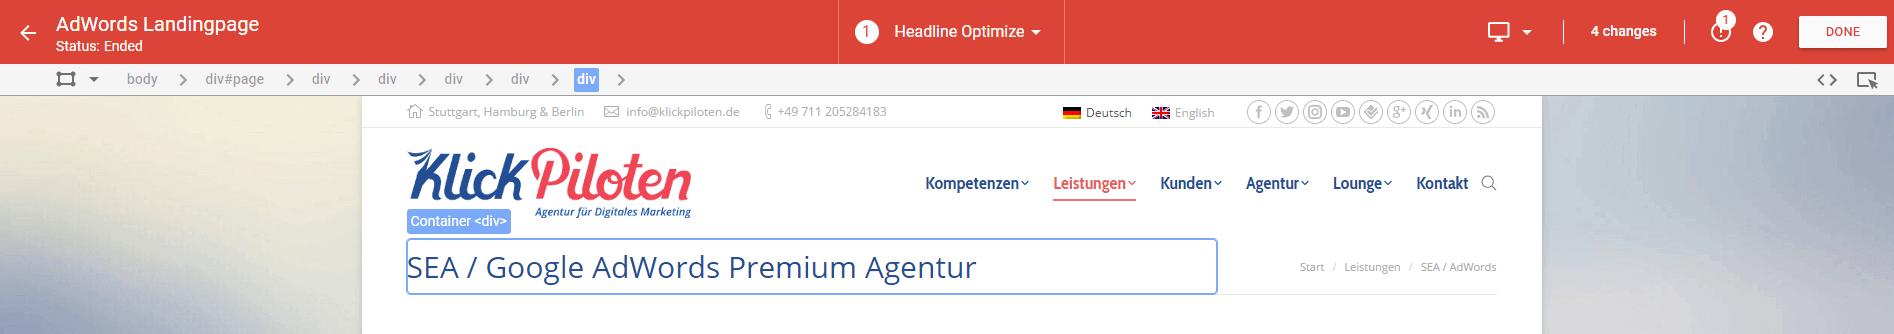 Add-On-von-Google-Optimize